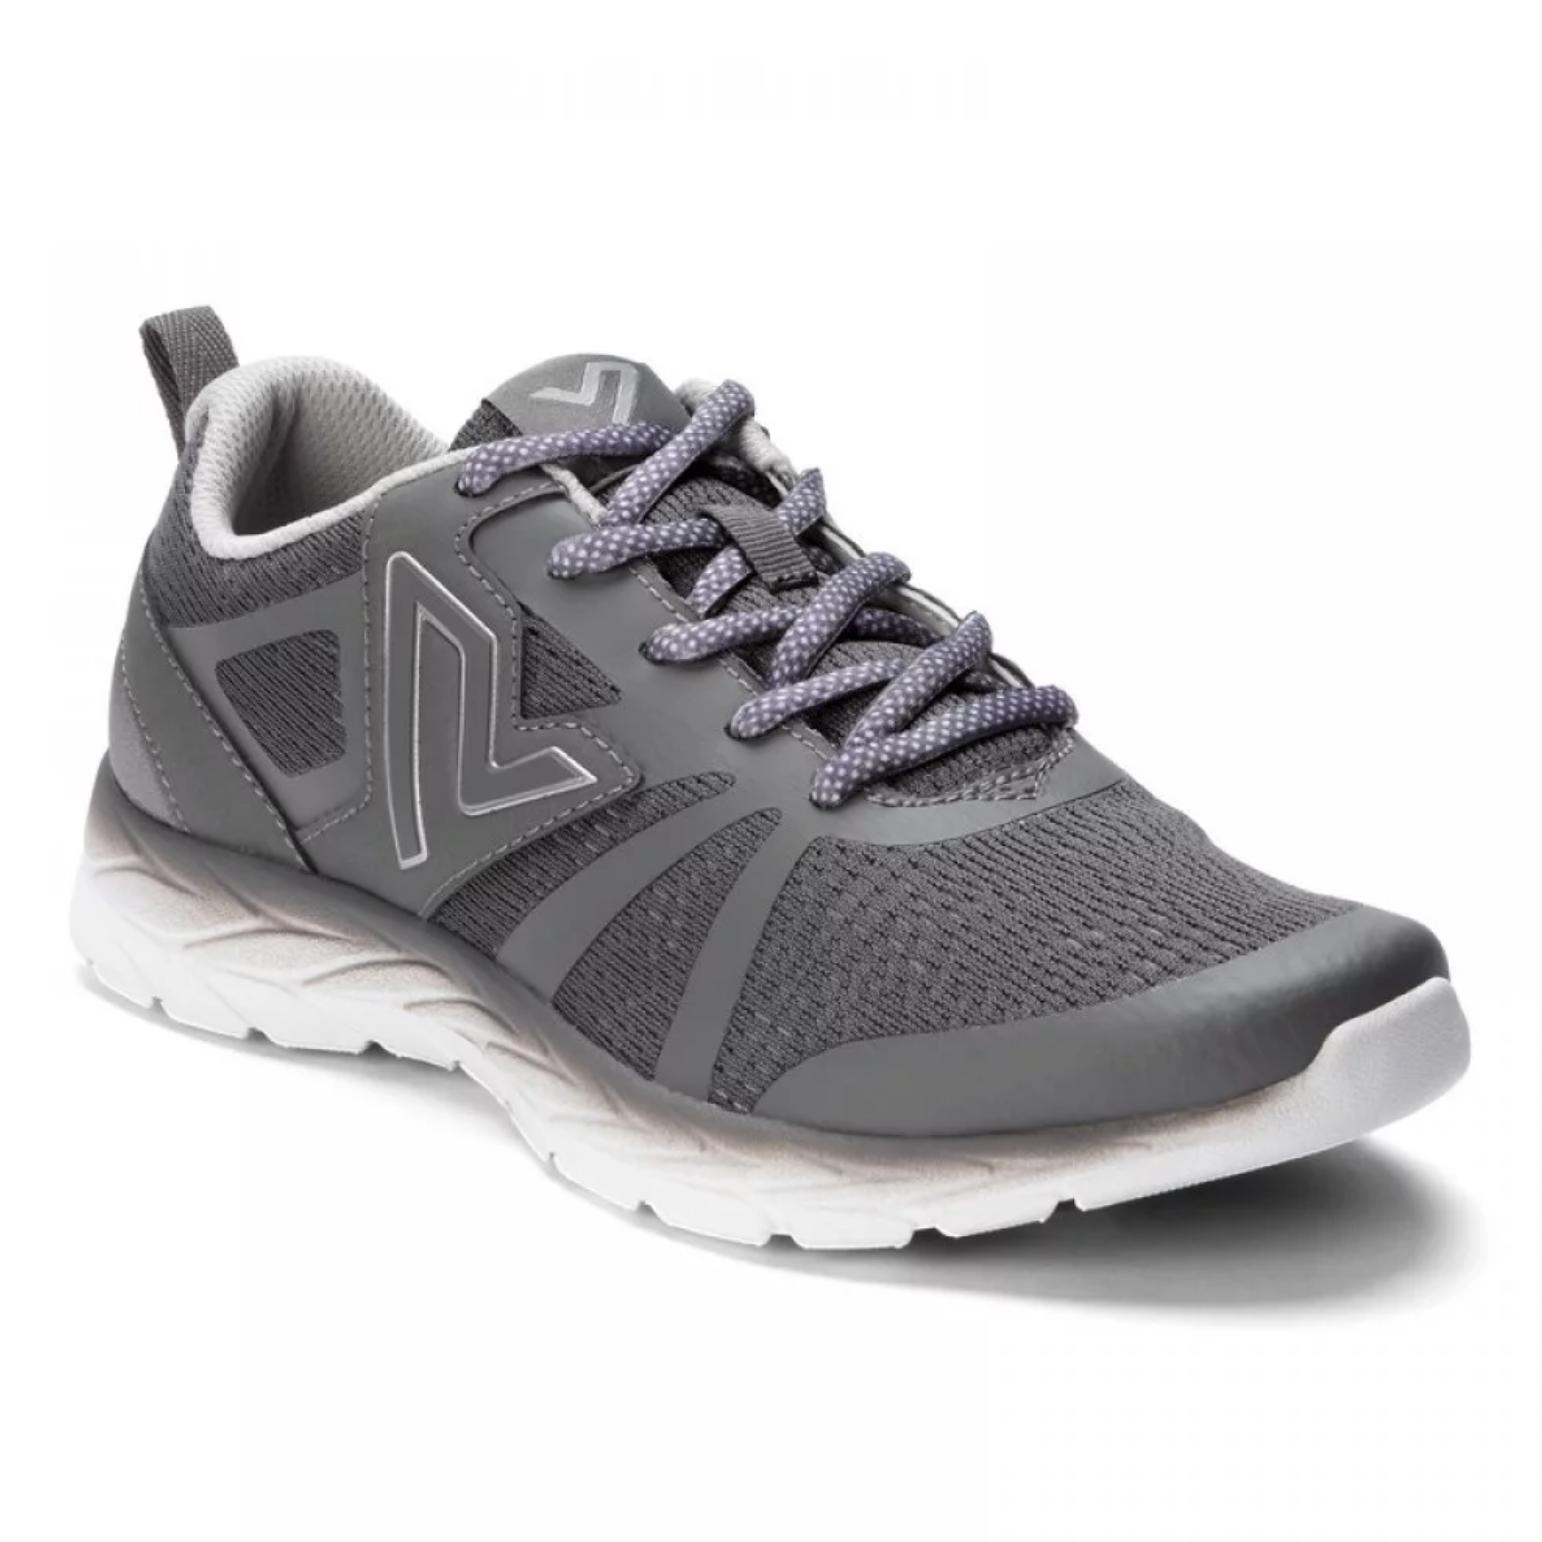 d7a35694d627 Vionic Women s Miles Active Sneaker Grey